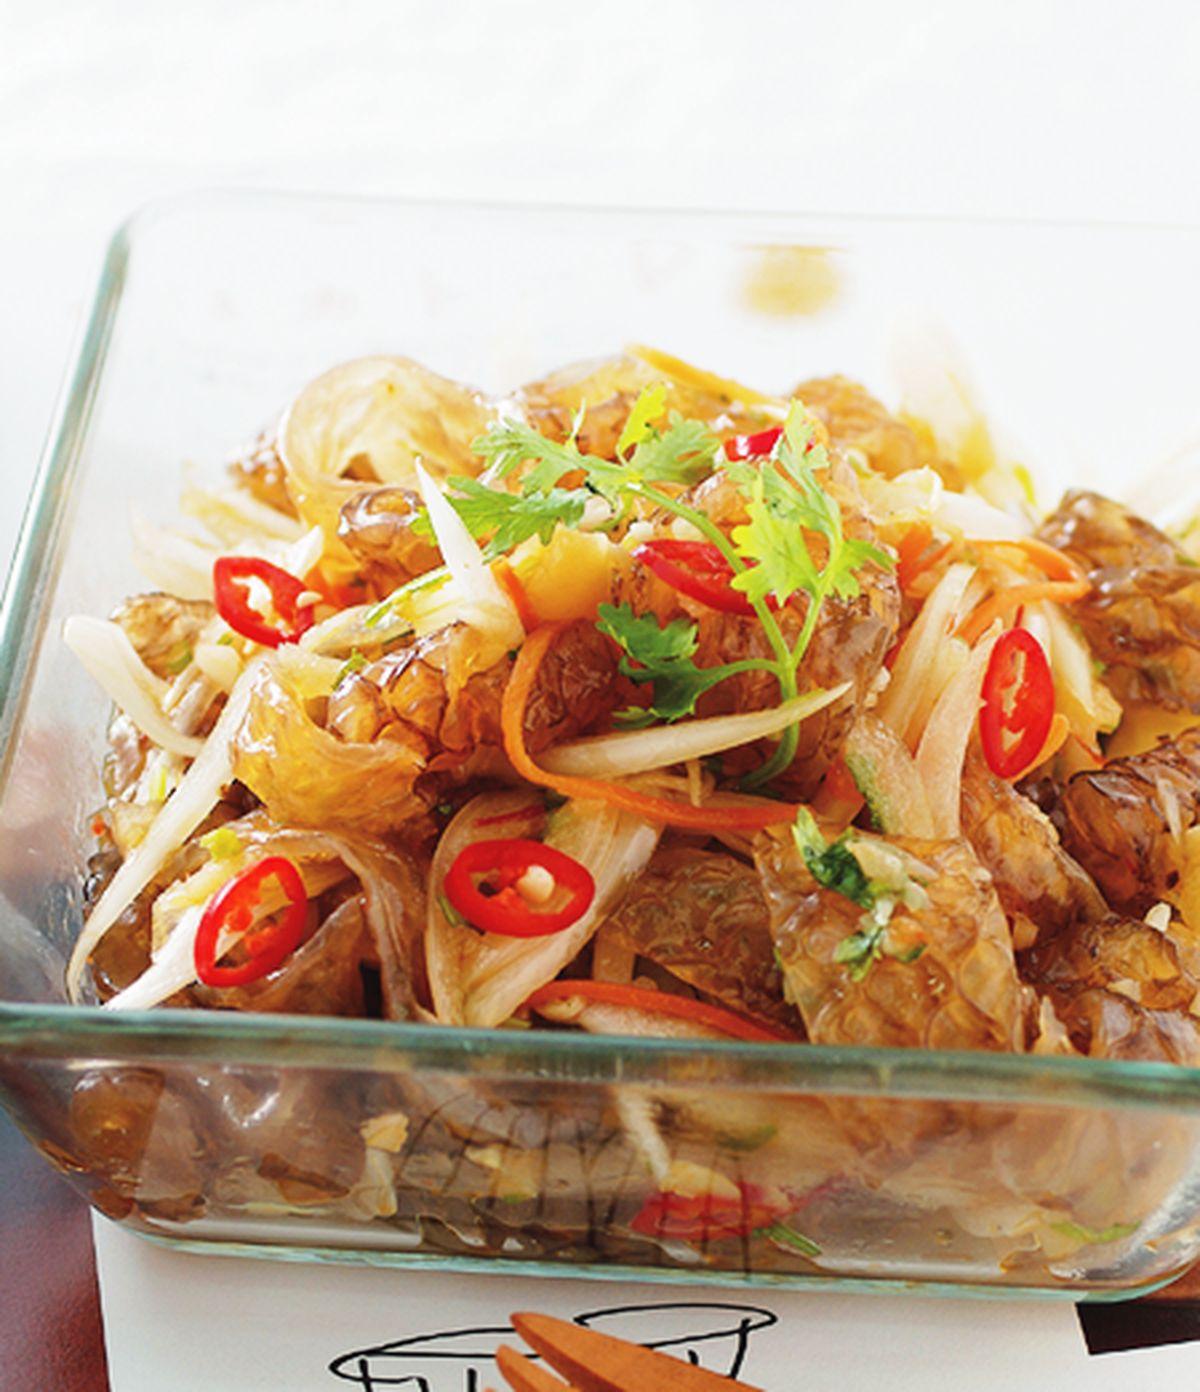 食譜:涼拌洋蔥魚皮